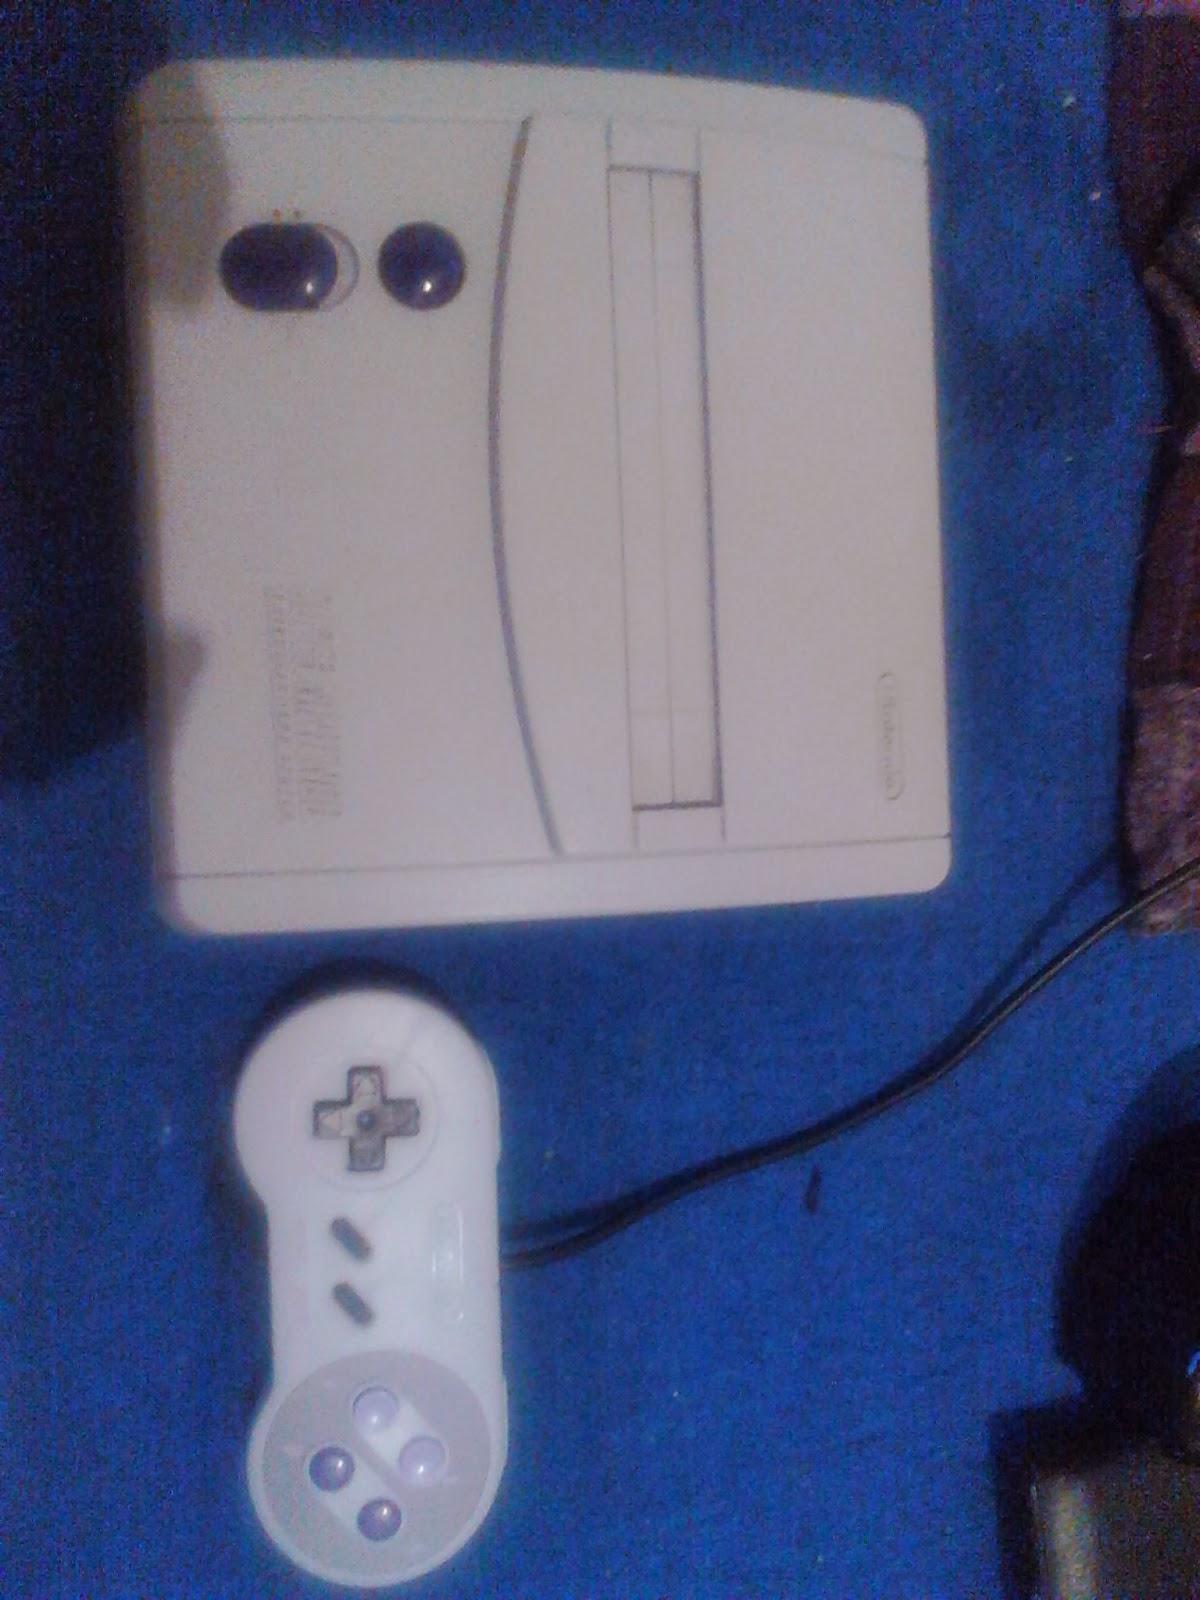 URUPANDA  ( COMPRA - VENTA - CANJE ) NES, Snes, Genesis, Megadrive, Family IMG_20140202_011611_0